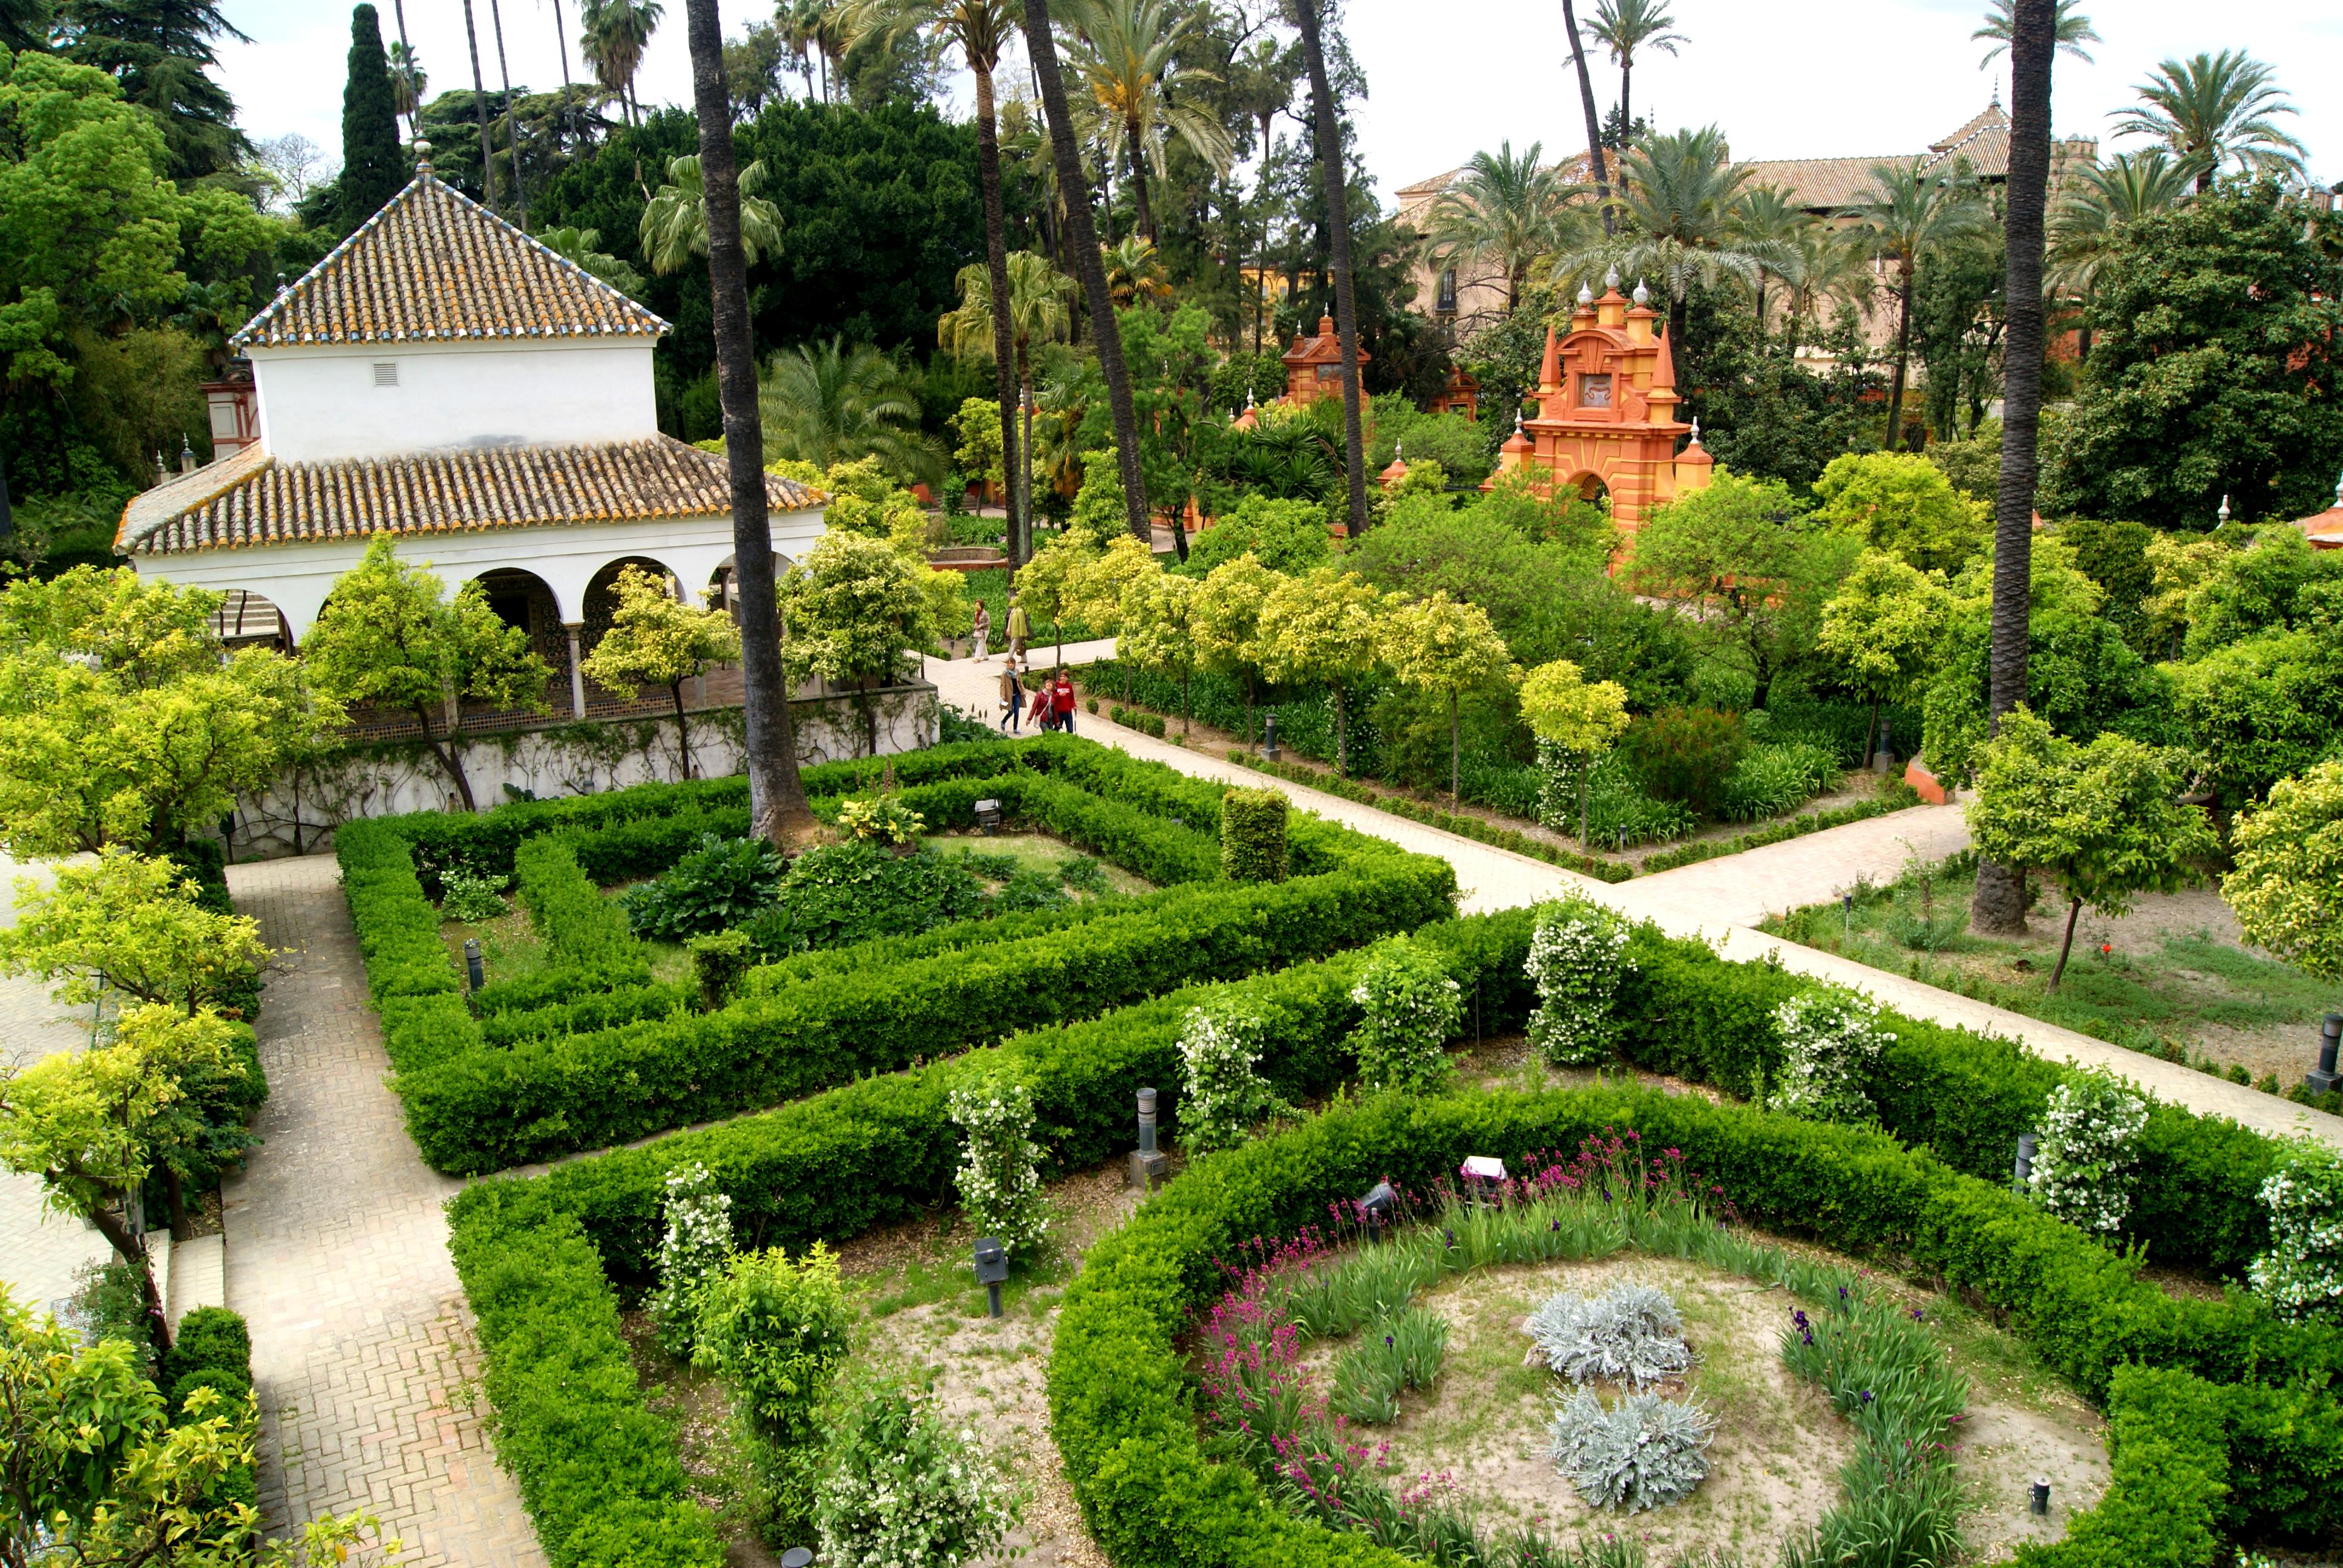 File:Jardines de los Reales Alcázares.JPG - Wikimedia Commons